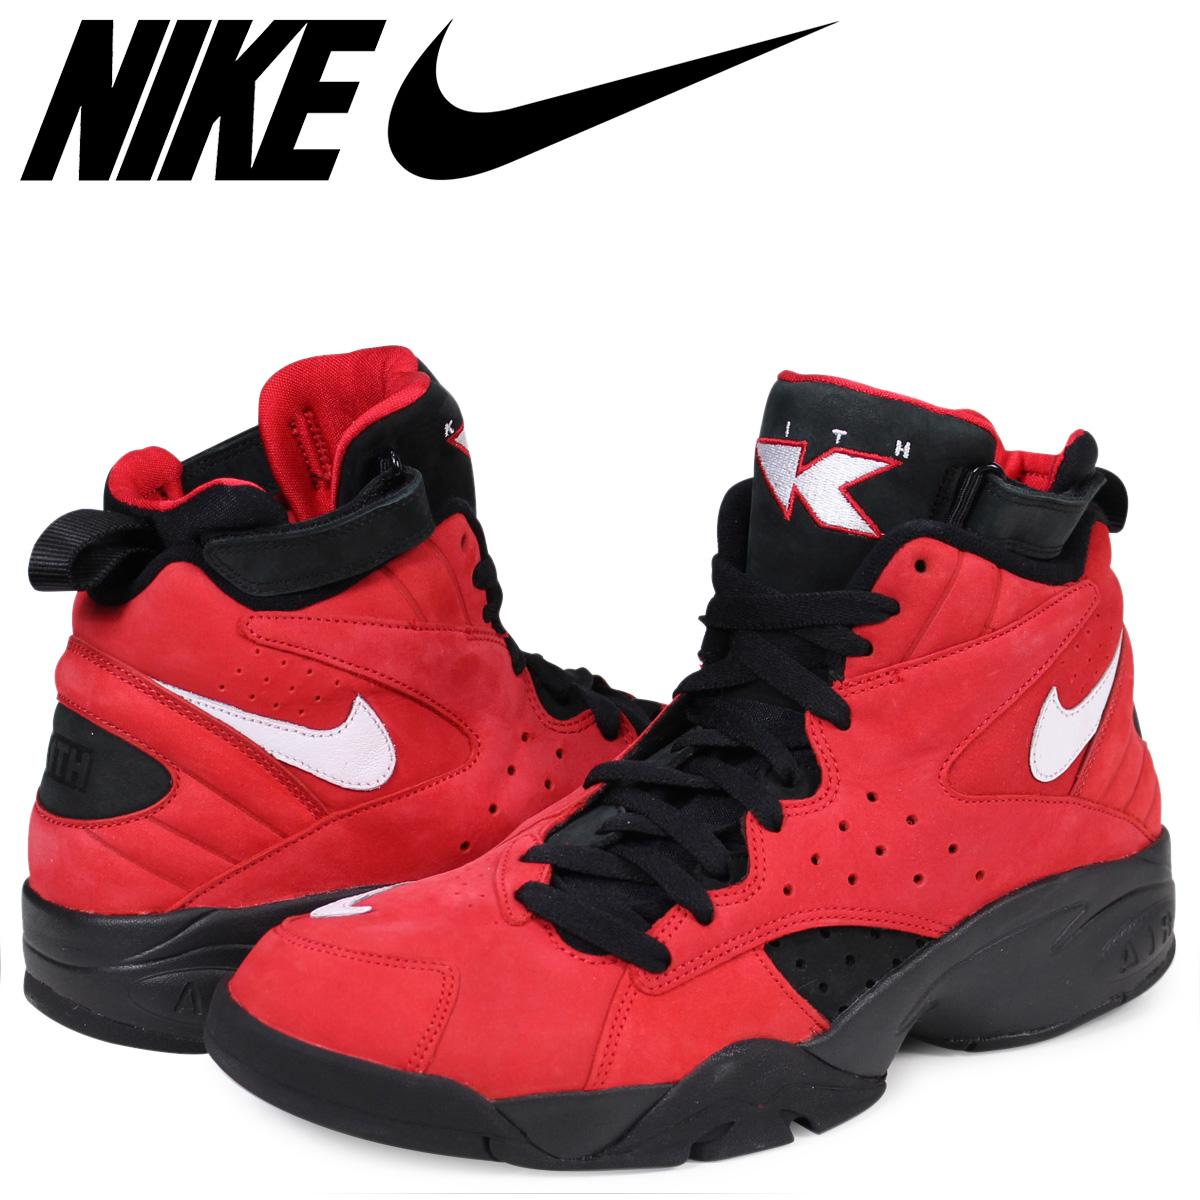 c13b728a NIKE AIR MAESTRO 2 QS Nike KITH air maestro 2 sneakers NKAH1069-600 men red